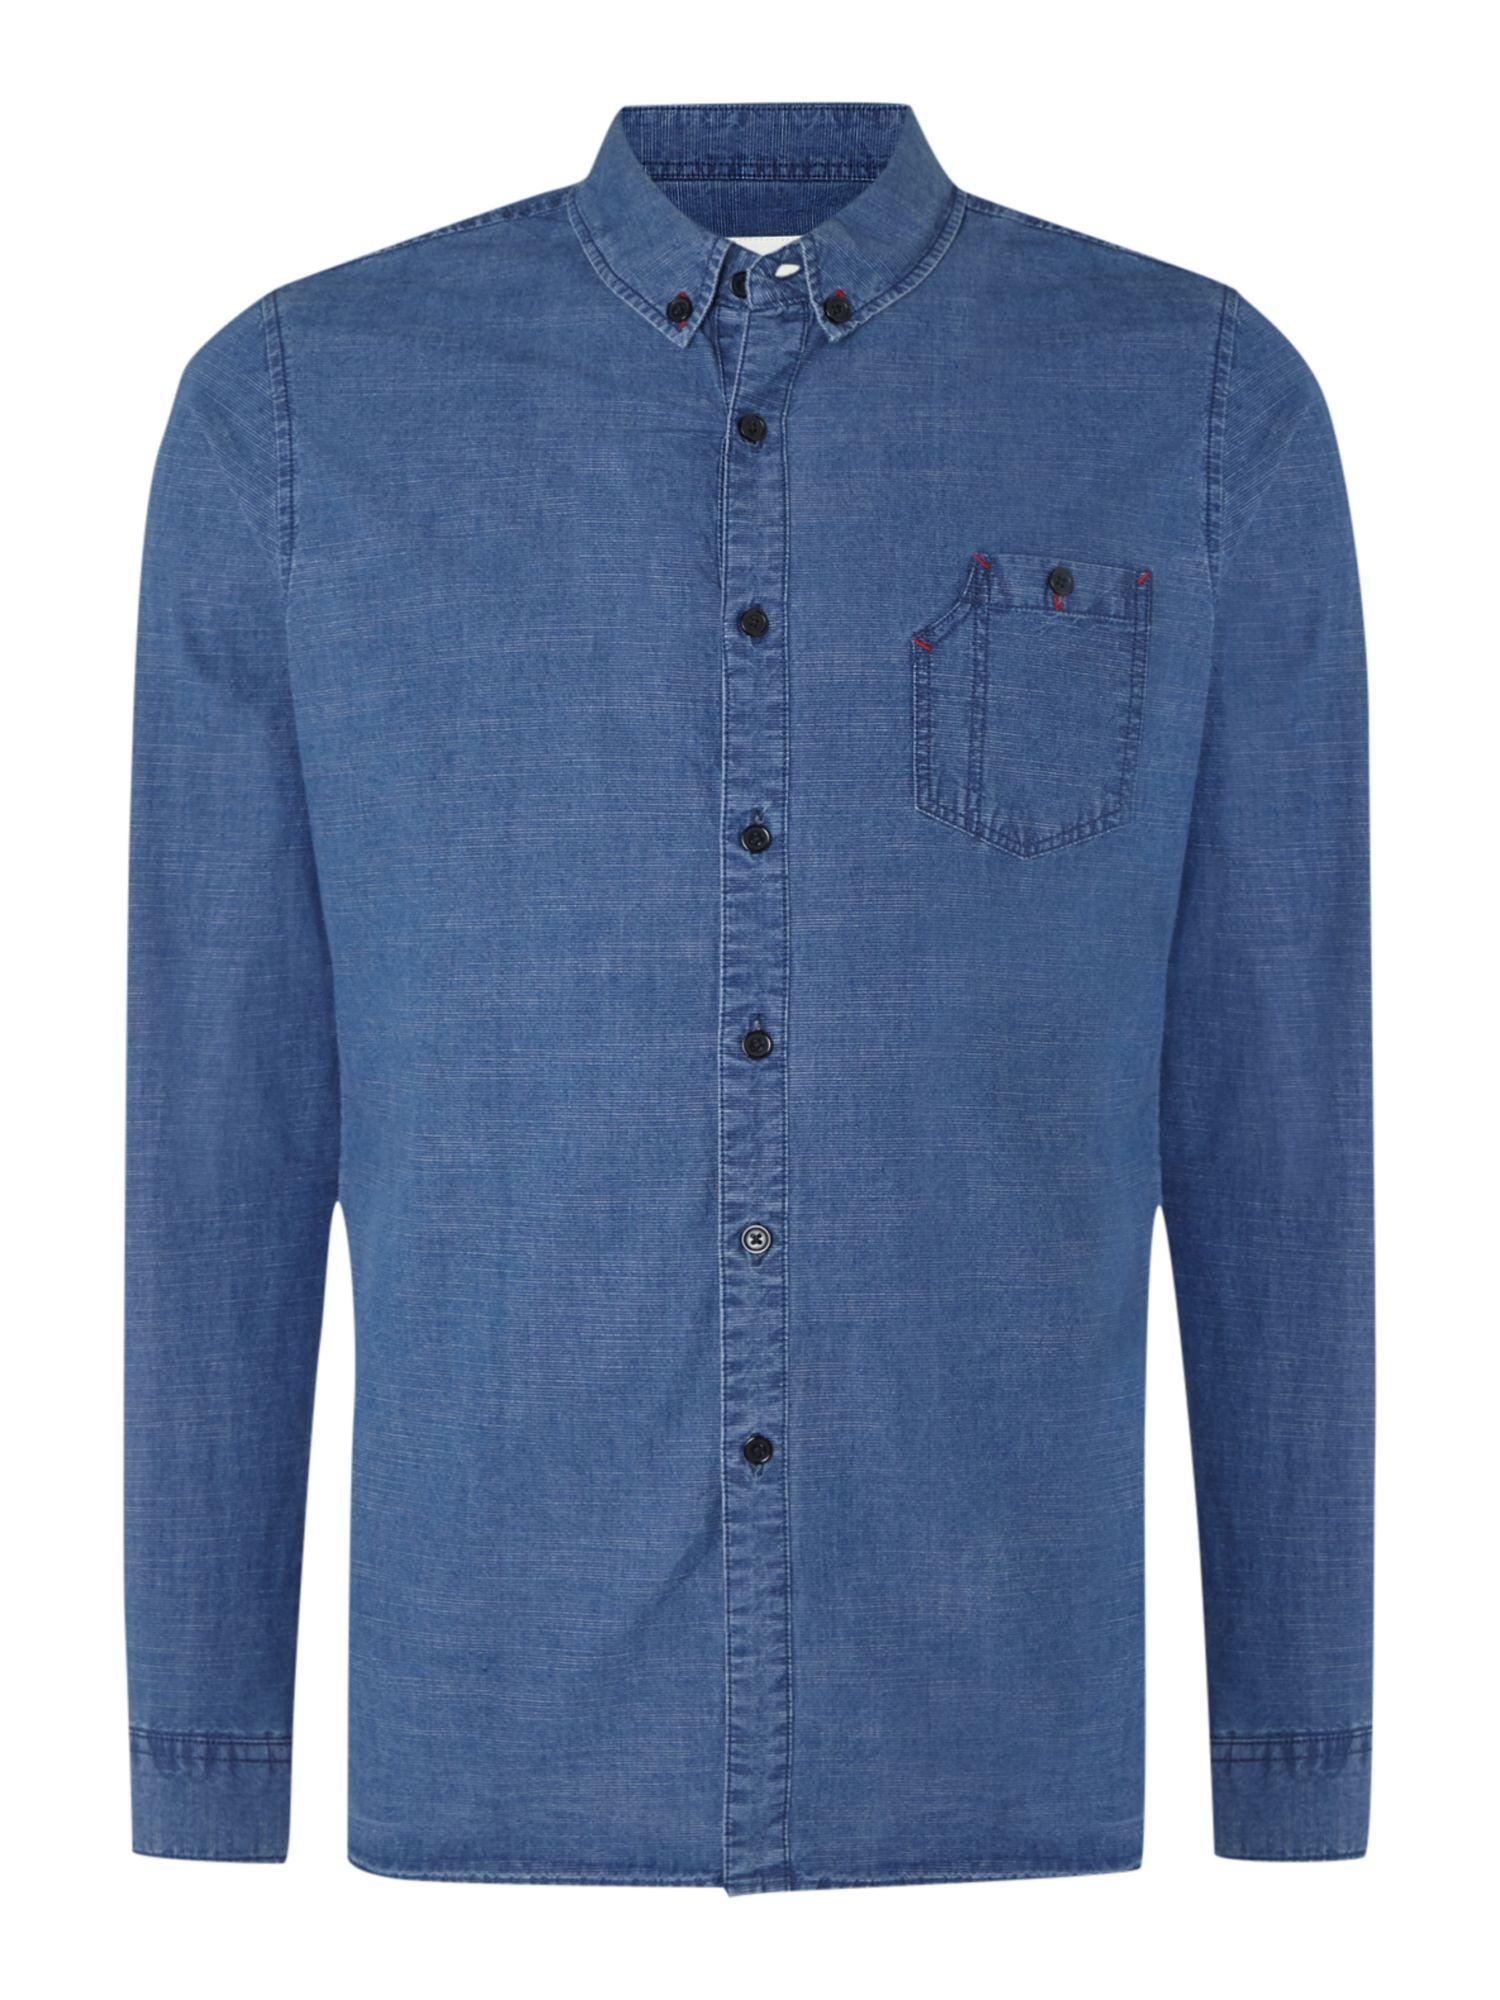 denim shirt pockets - photo #12